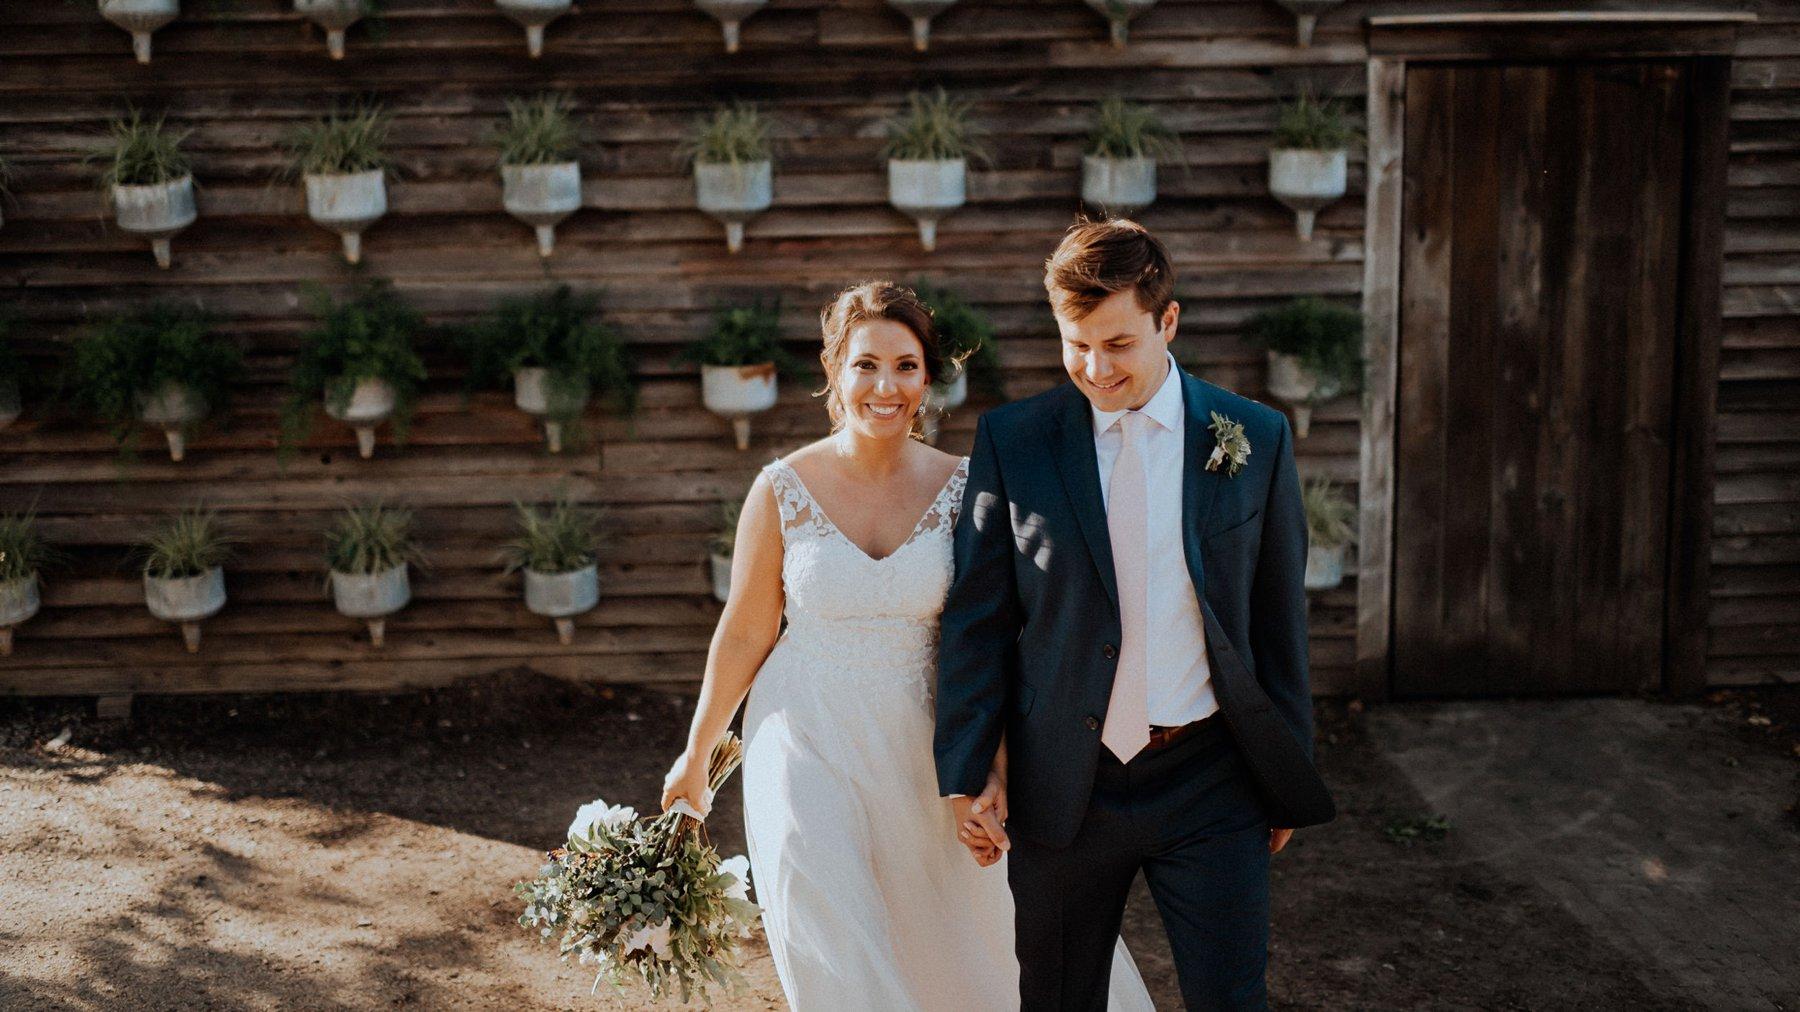 356-368-terrain-wedding-8.jpg